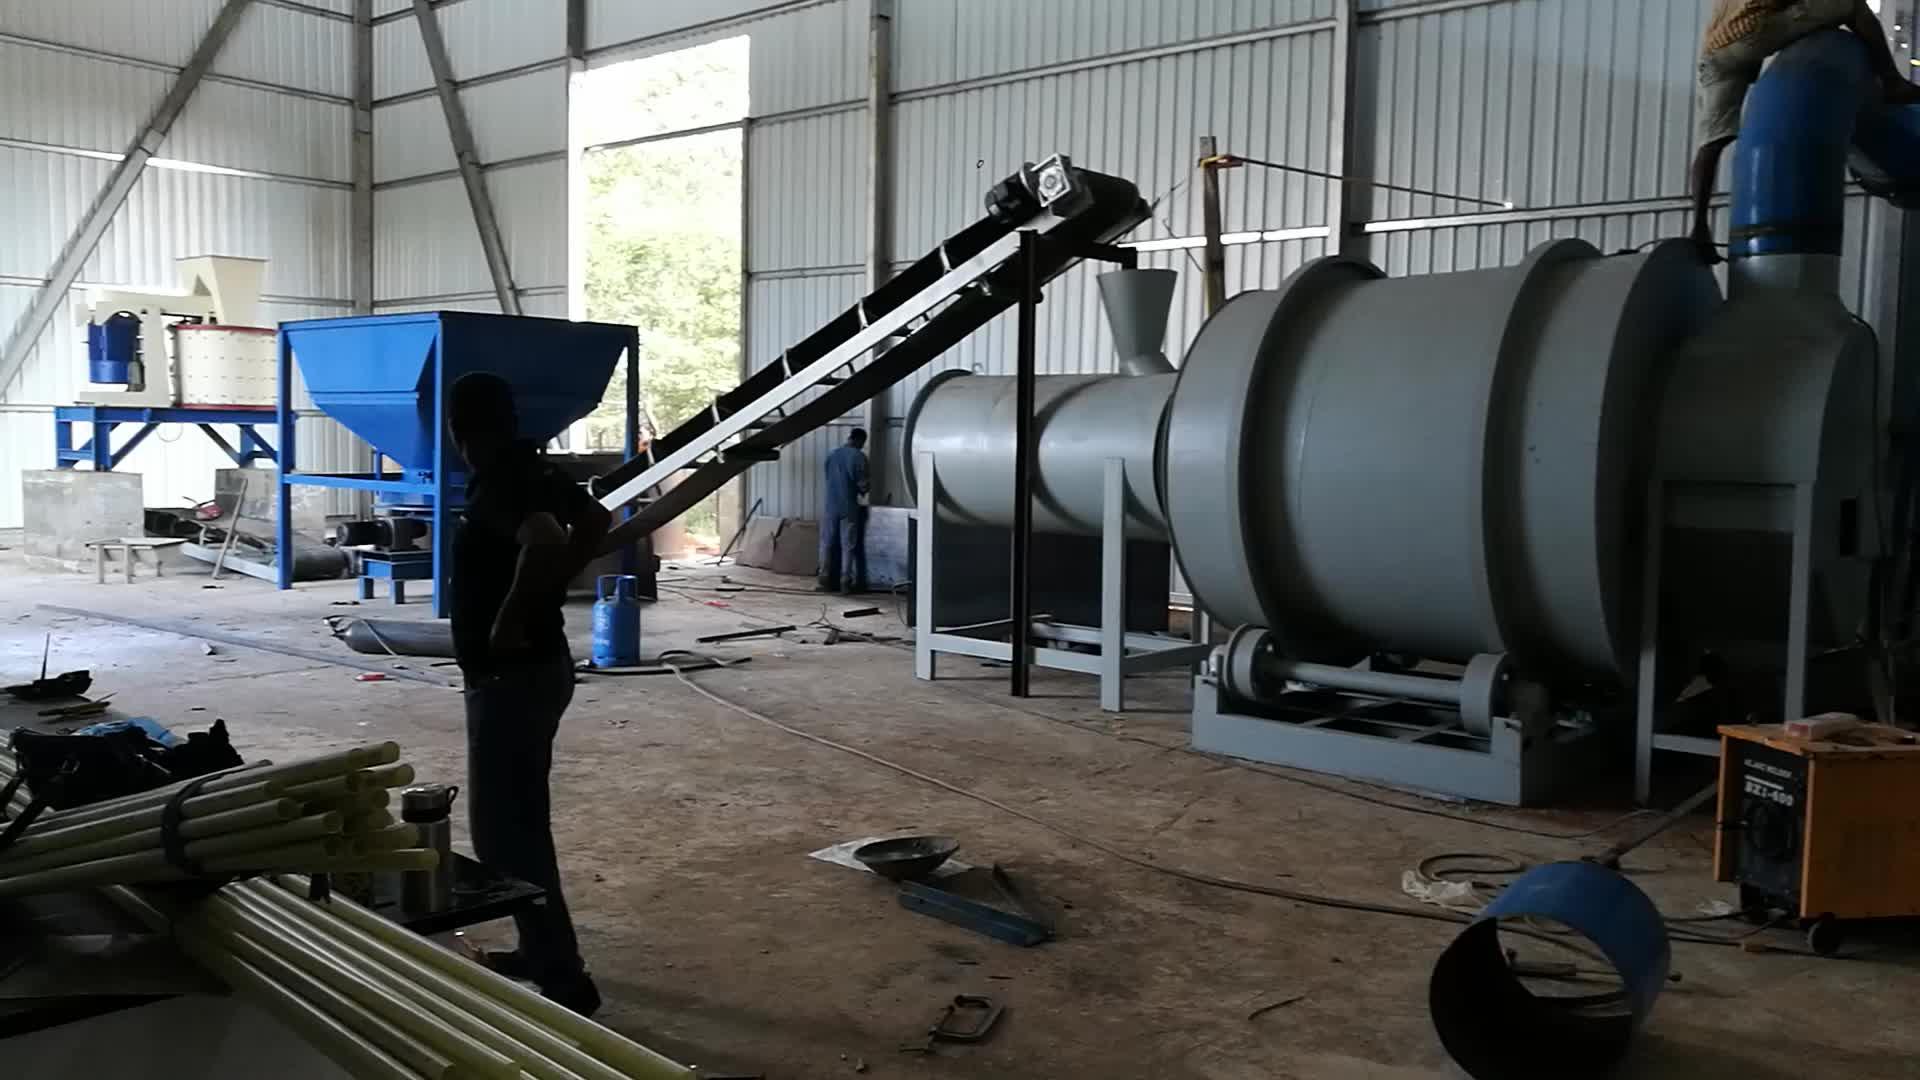 Cornice gypsum powder making machine with valve bag packer/ gypsum plaster mixing machine